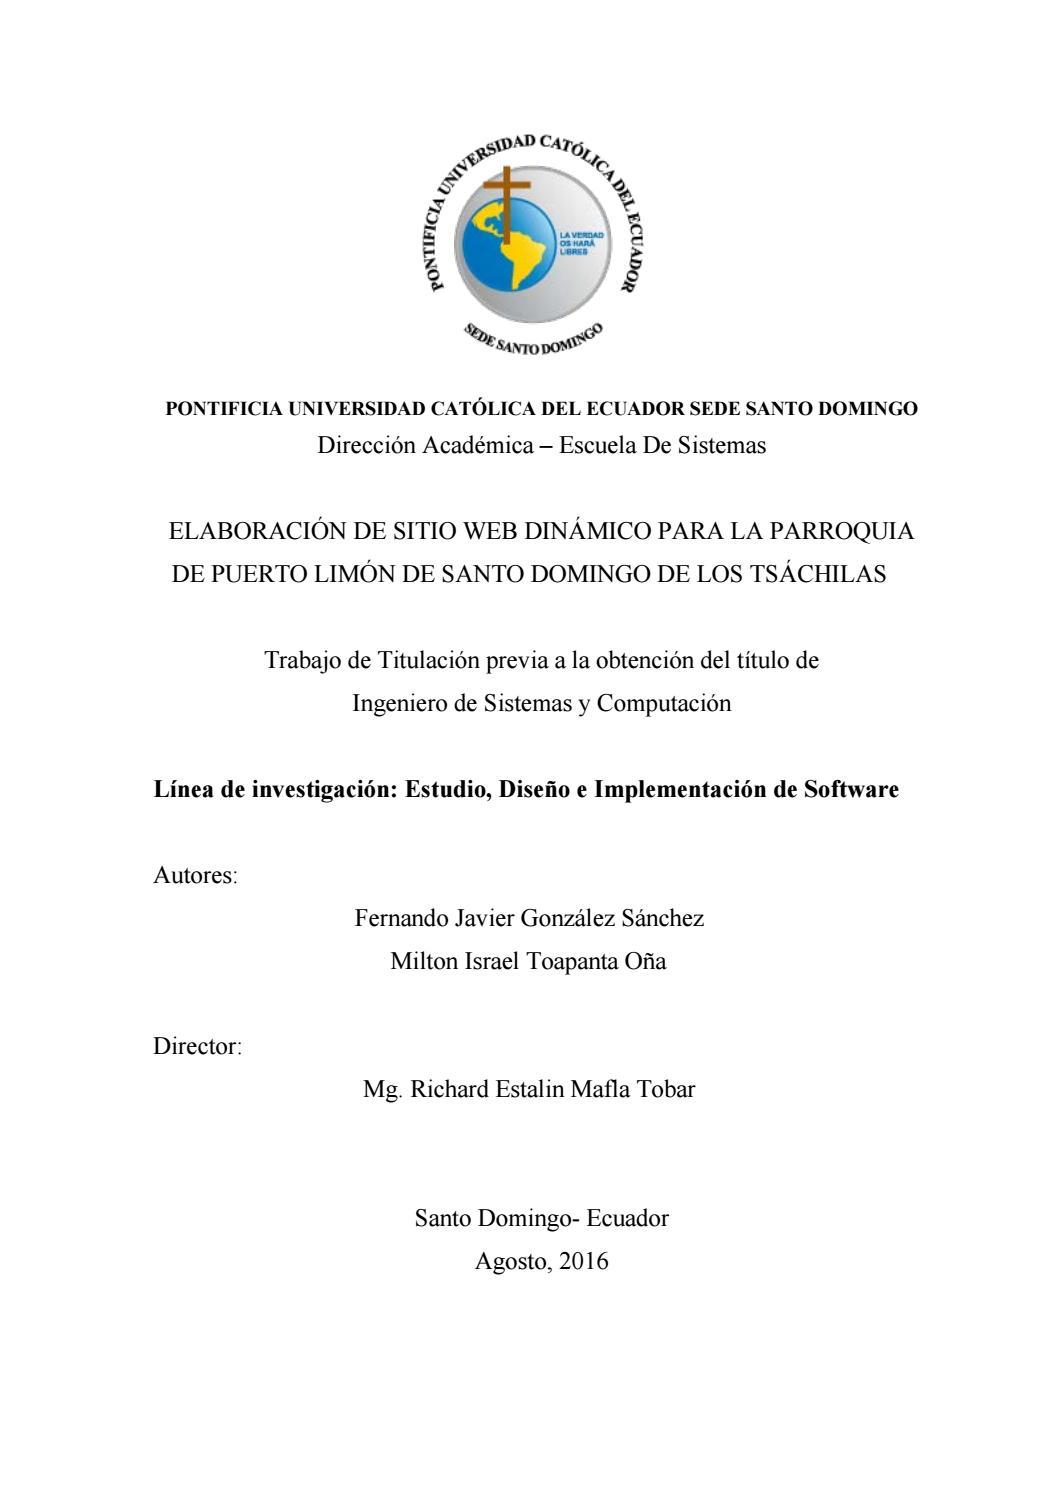 Elaboración de un sitio Web dinámico para la parroquia de Puerto ...